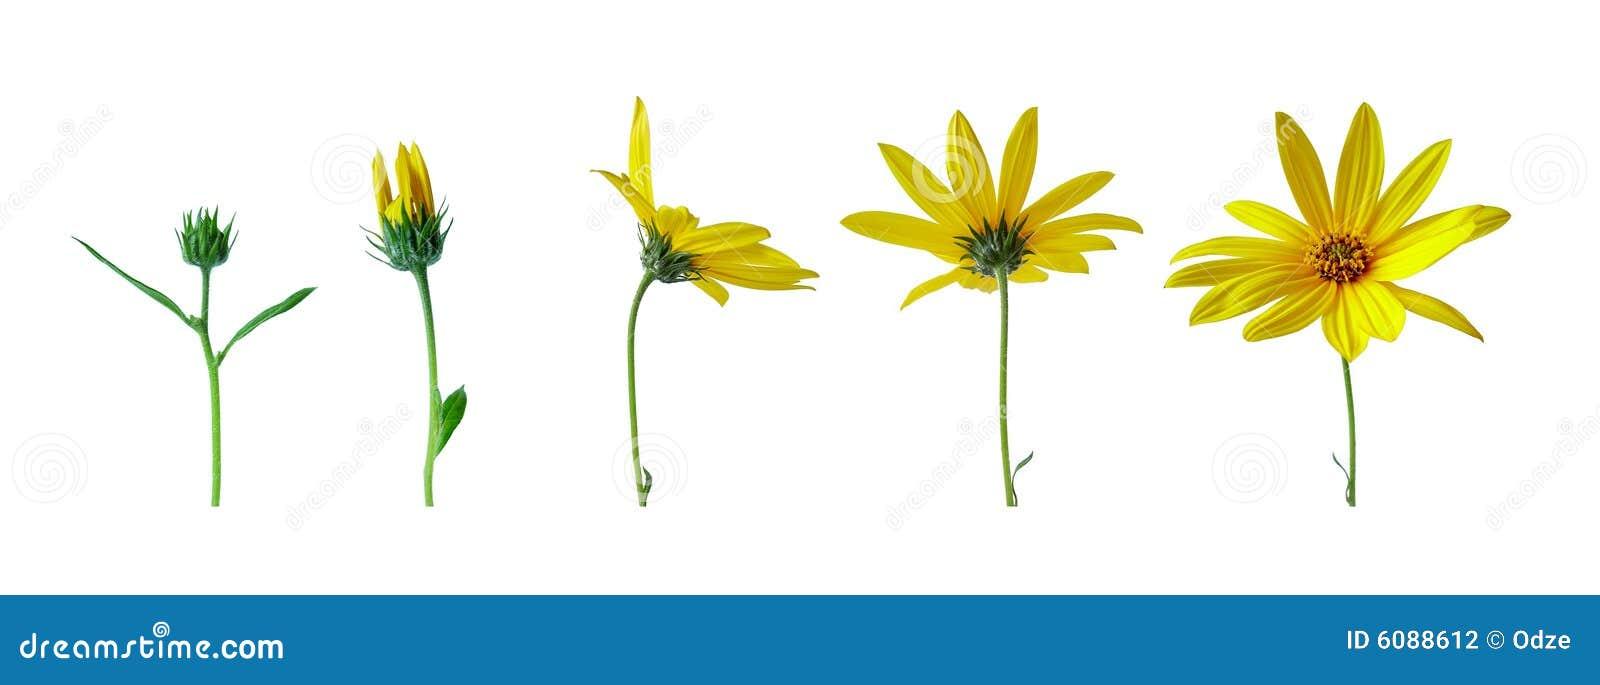 этапы роста цветка